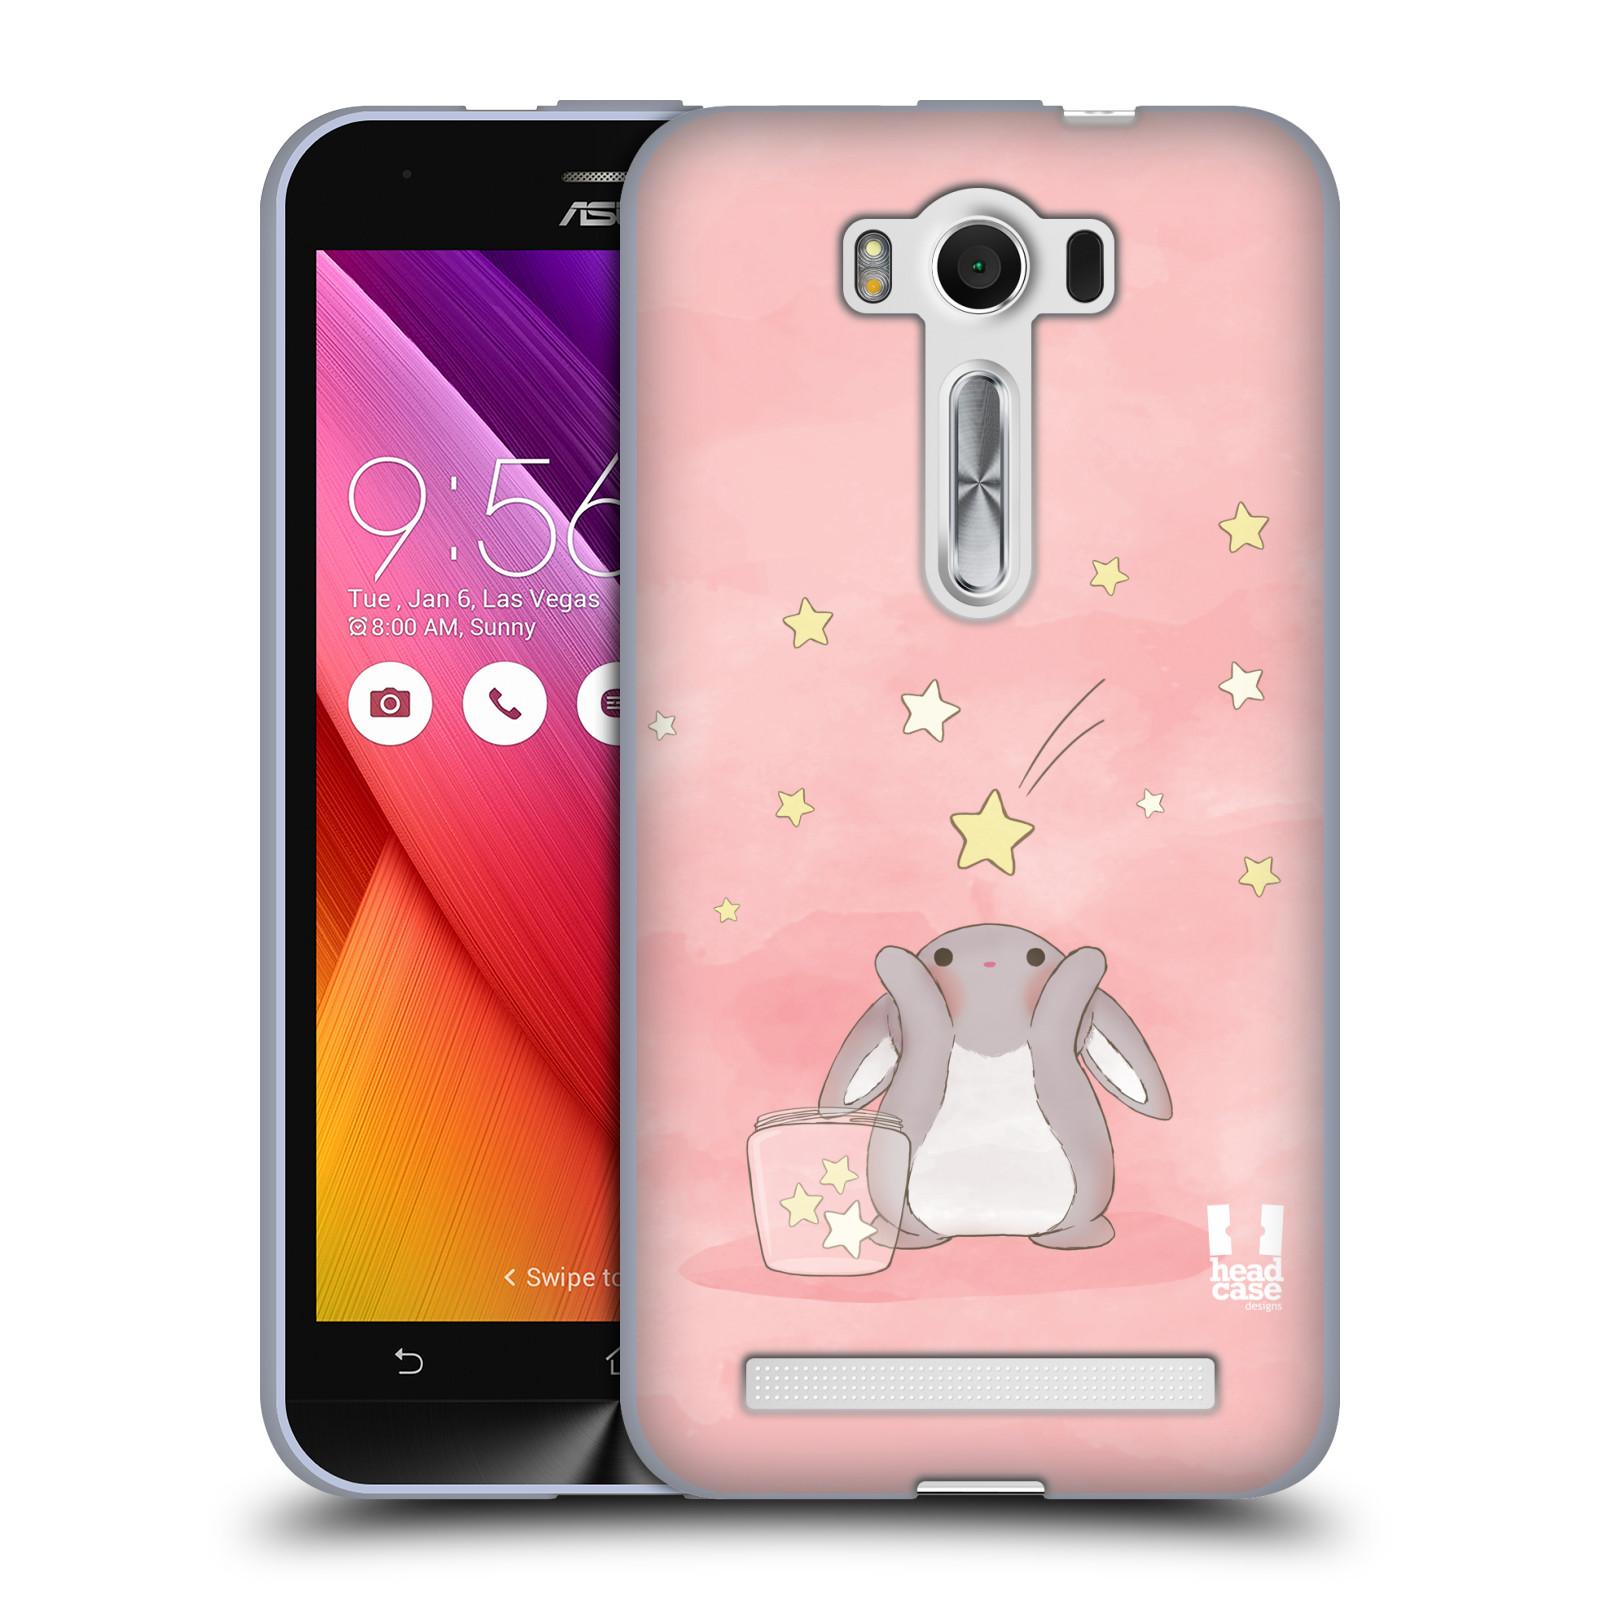 """HEAD CASE silikonový obal na mobil Asus Zenfone 2 LASER (ZE500KL s 5"""" displejem) vzor králíček a hvězdy růžová"""